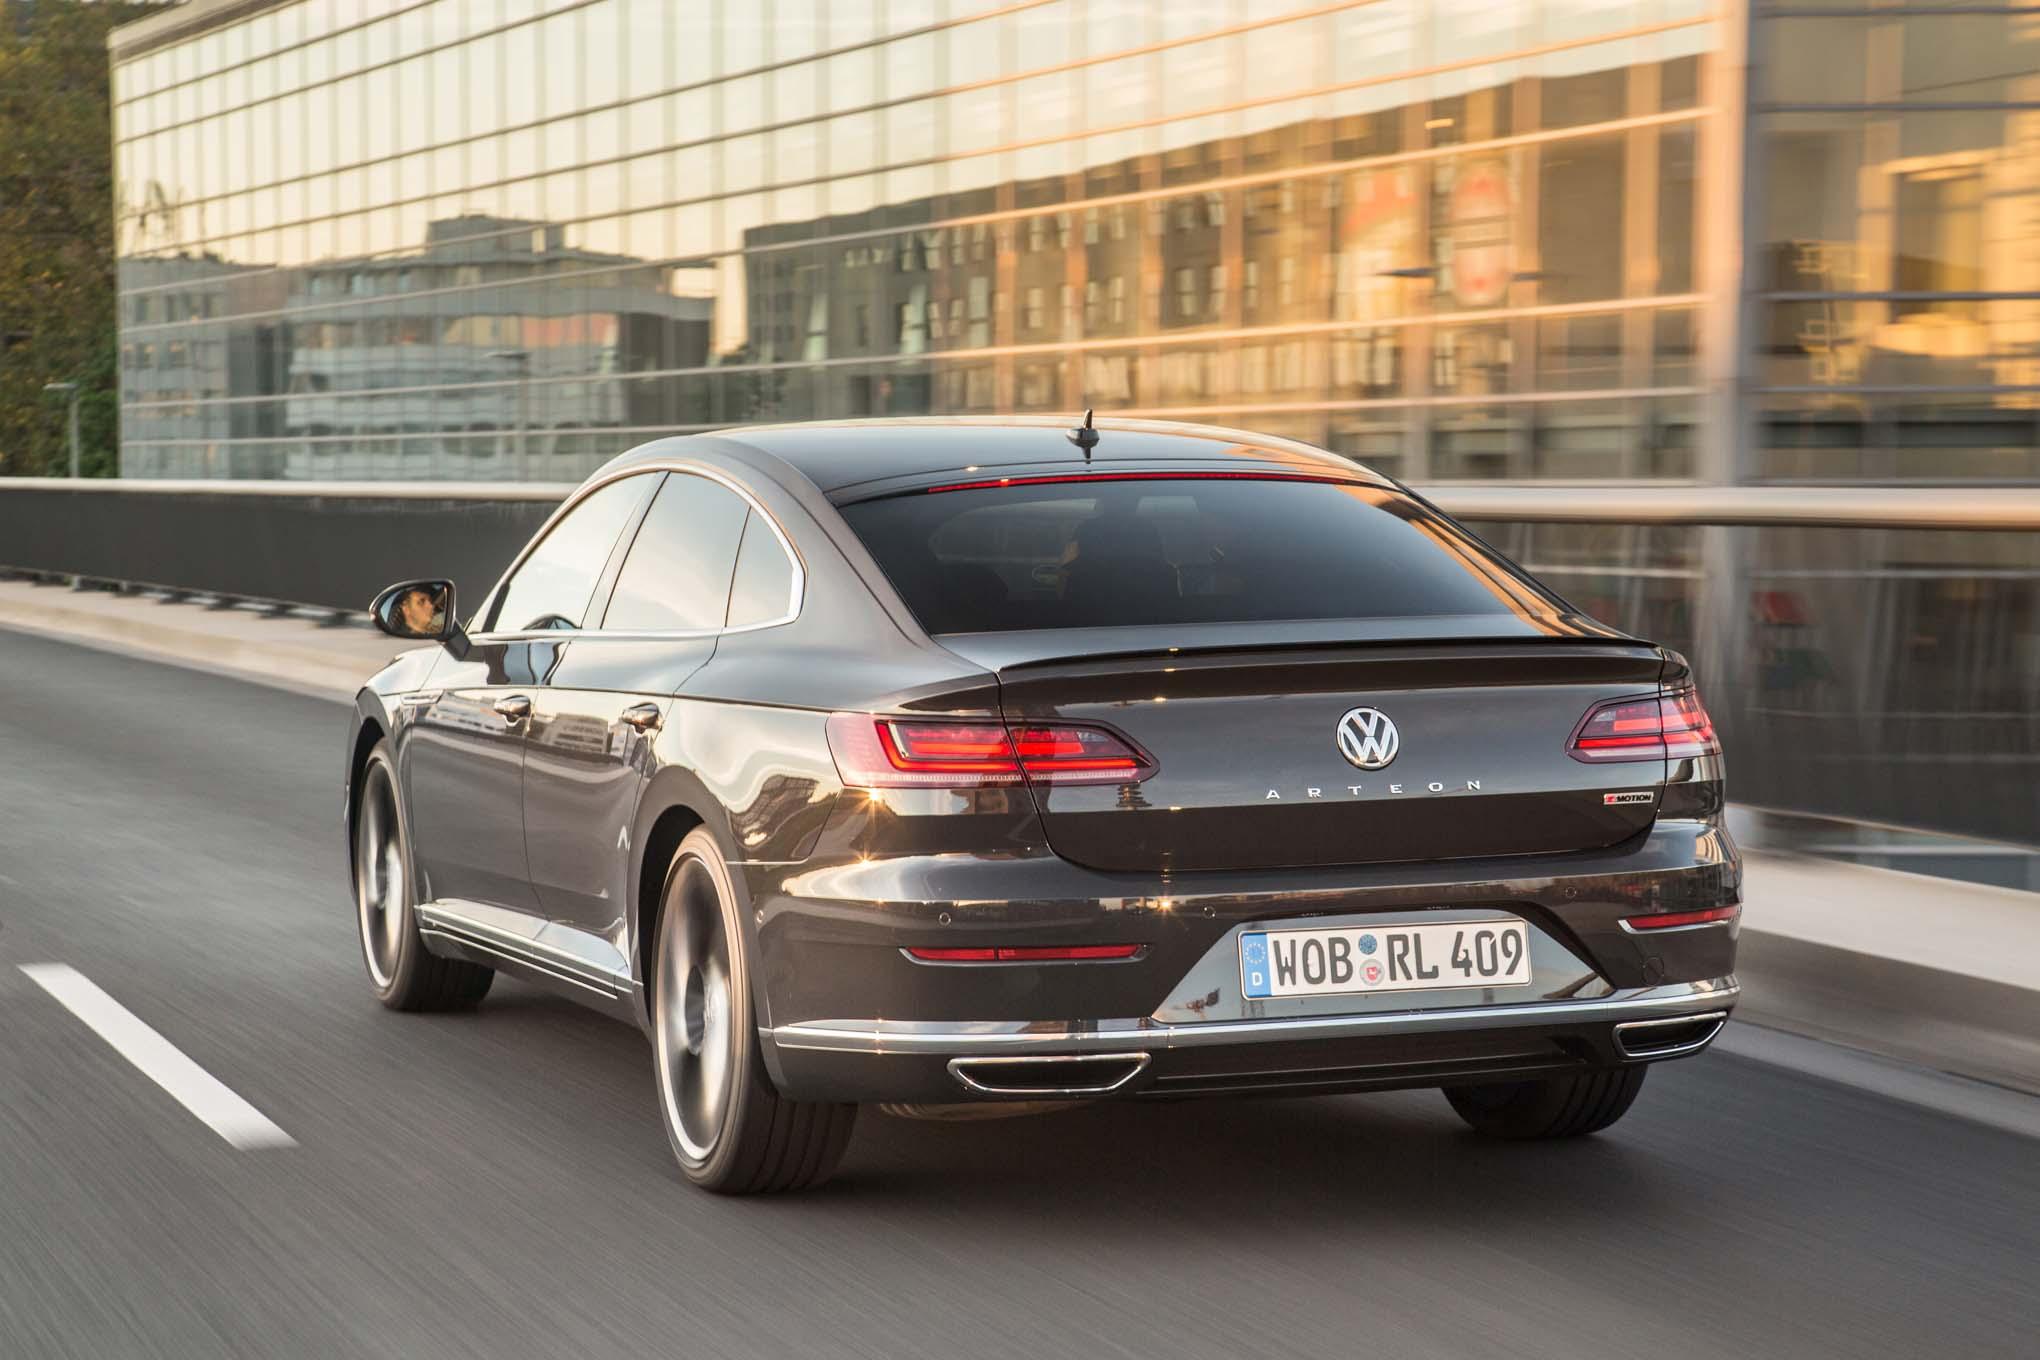 2019 Volkswagen Arteon R Line Rear Three Quarter In Motion 1